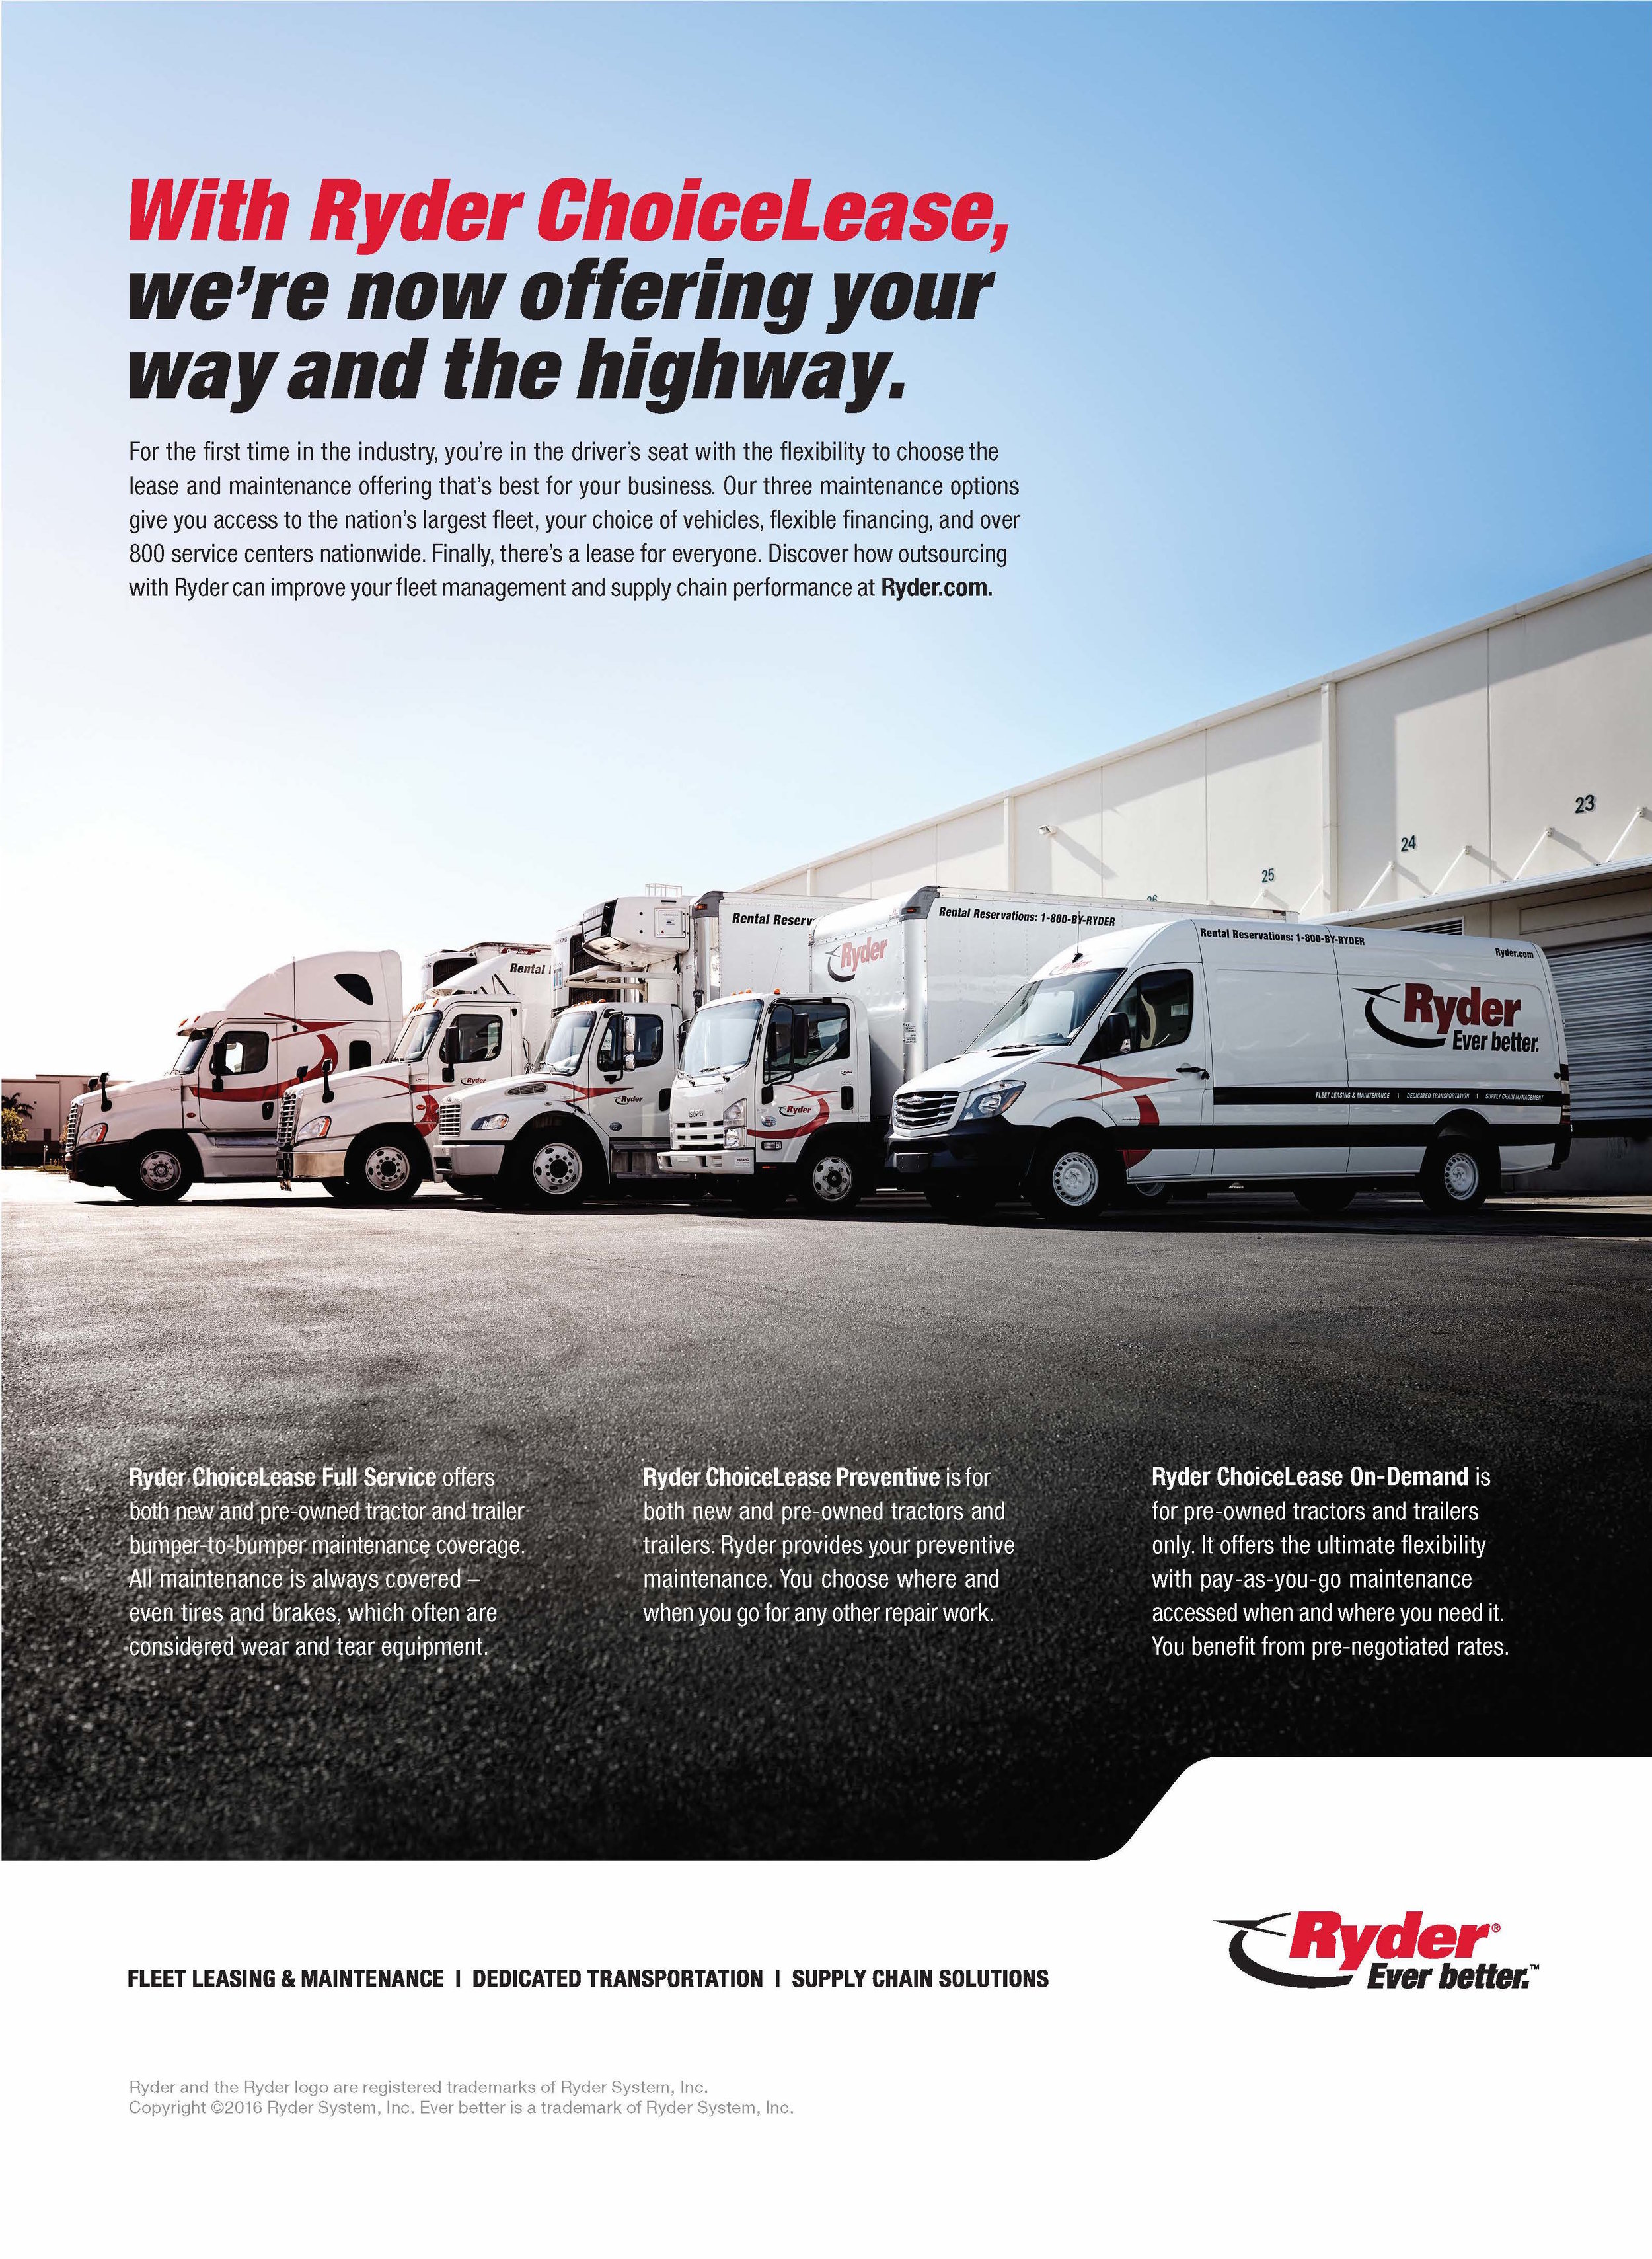 RYDER0002055_Food_Logistics_AUG.jpg